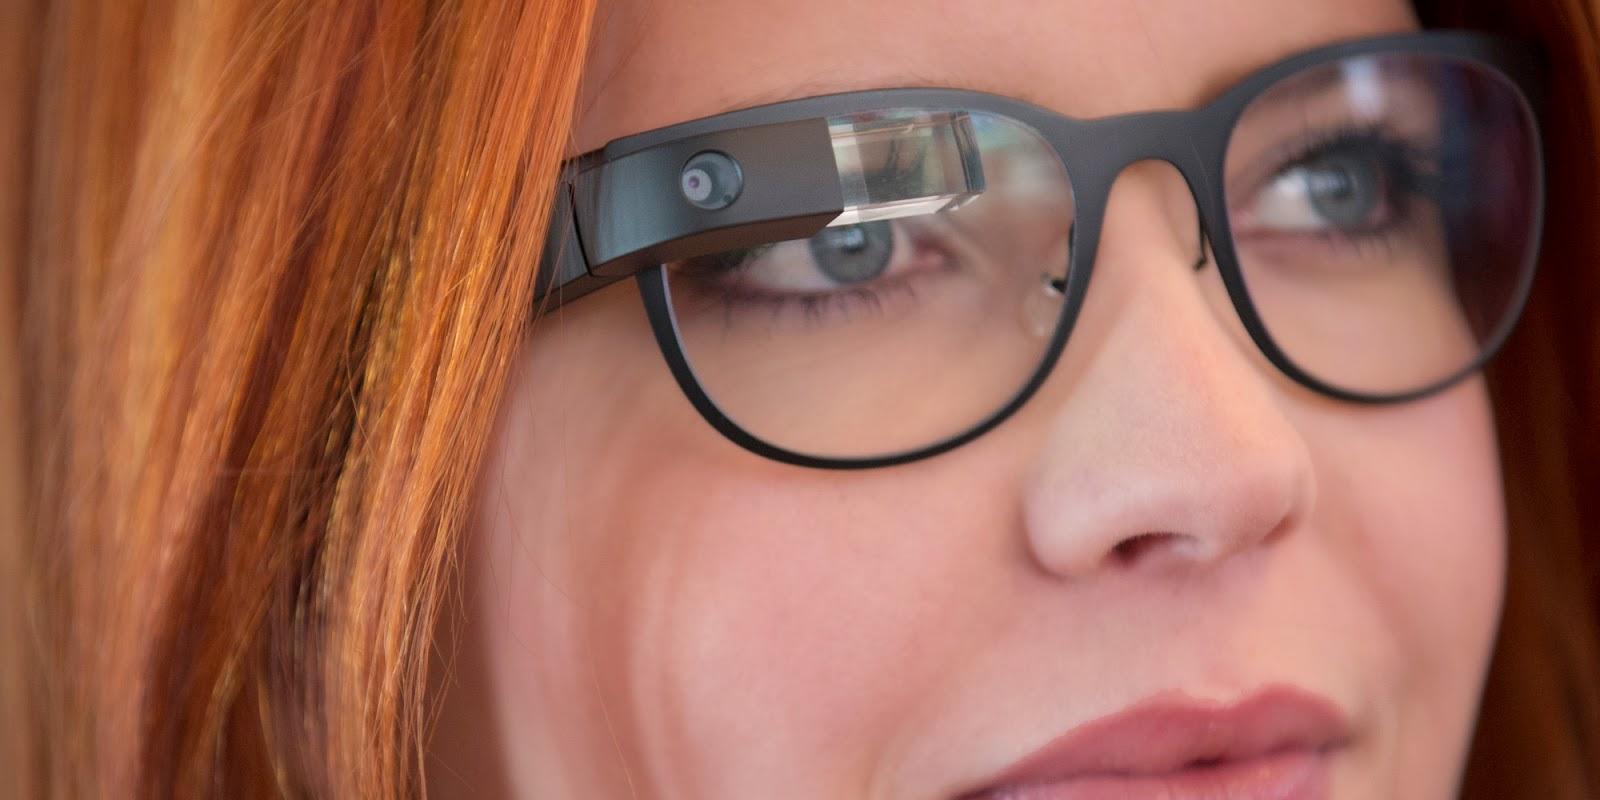 نظارات Google Glass الذكية تدشن عودتها من جديد